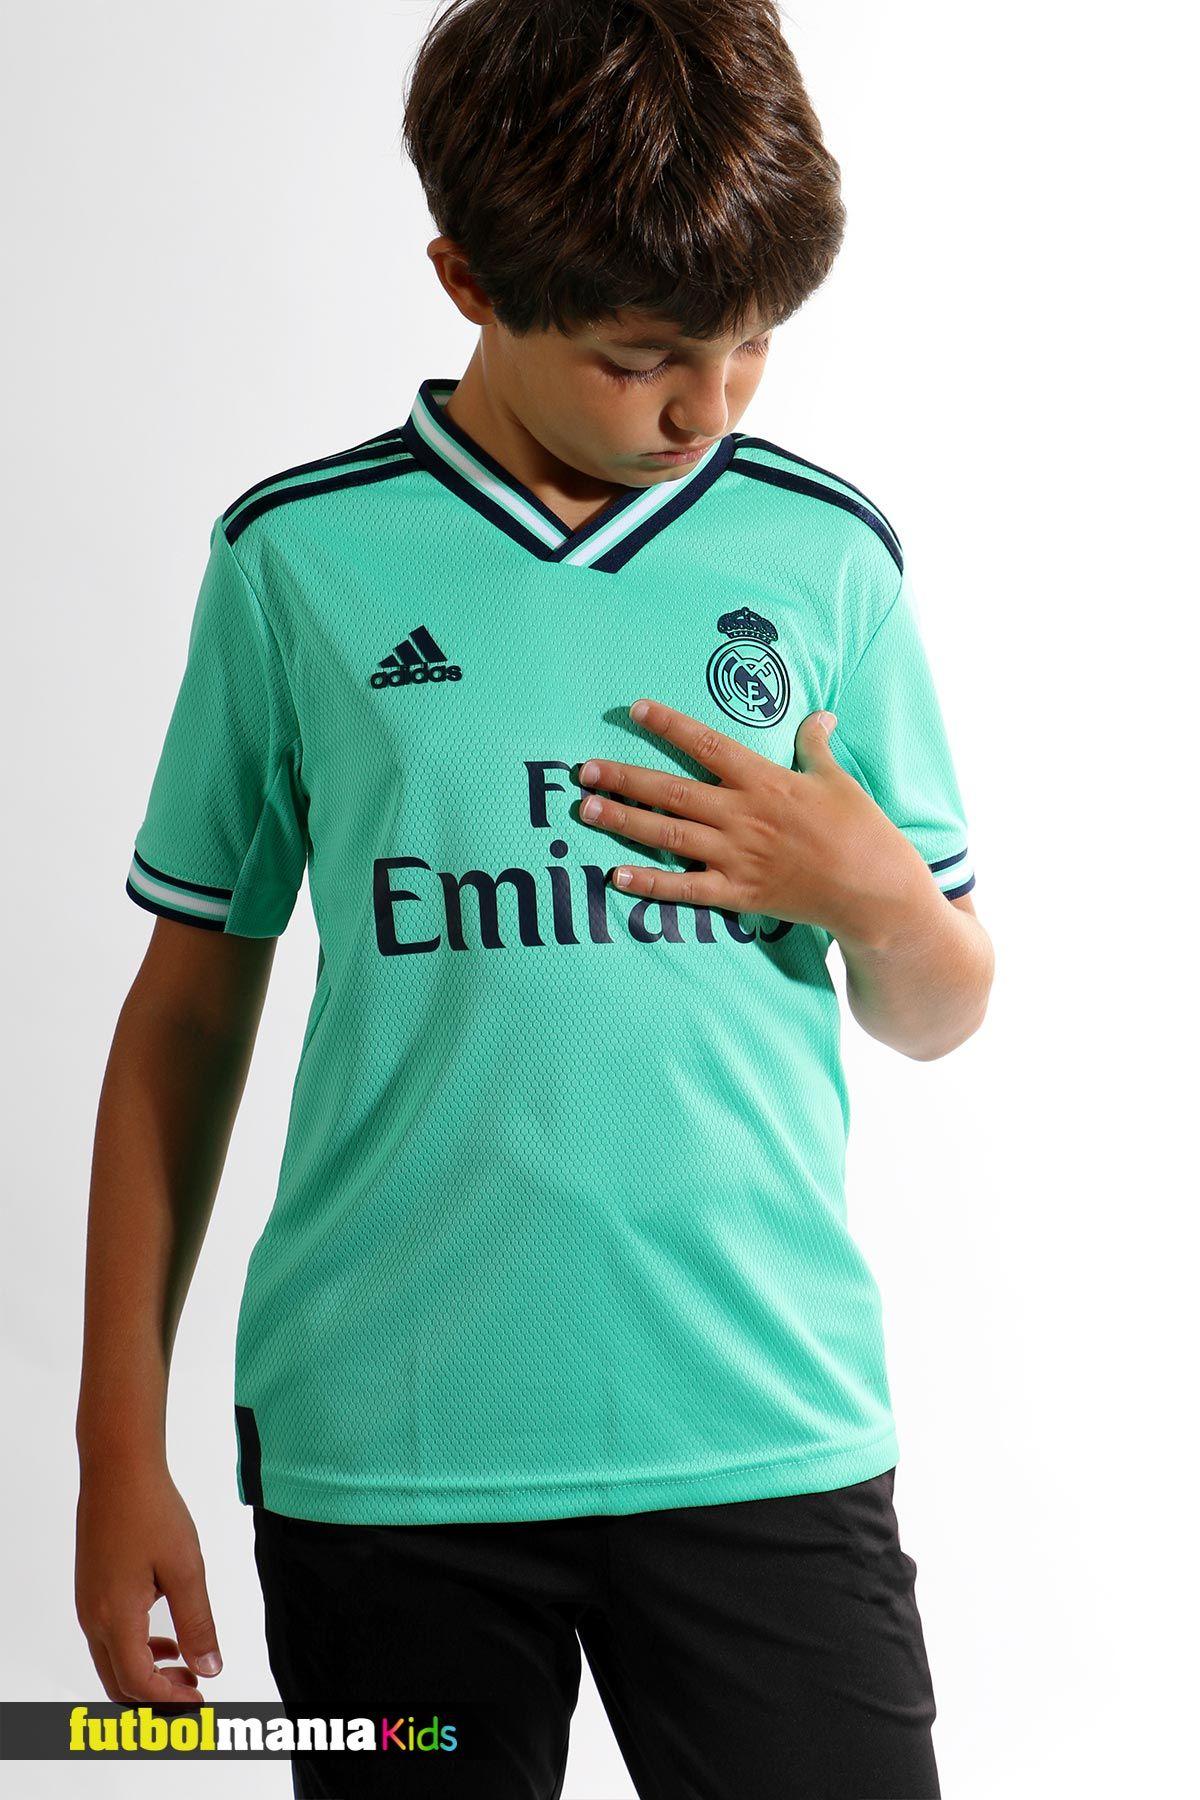 Camiseta adidas 3a R Madrid niño 2019 2020   Camisetas